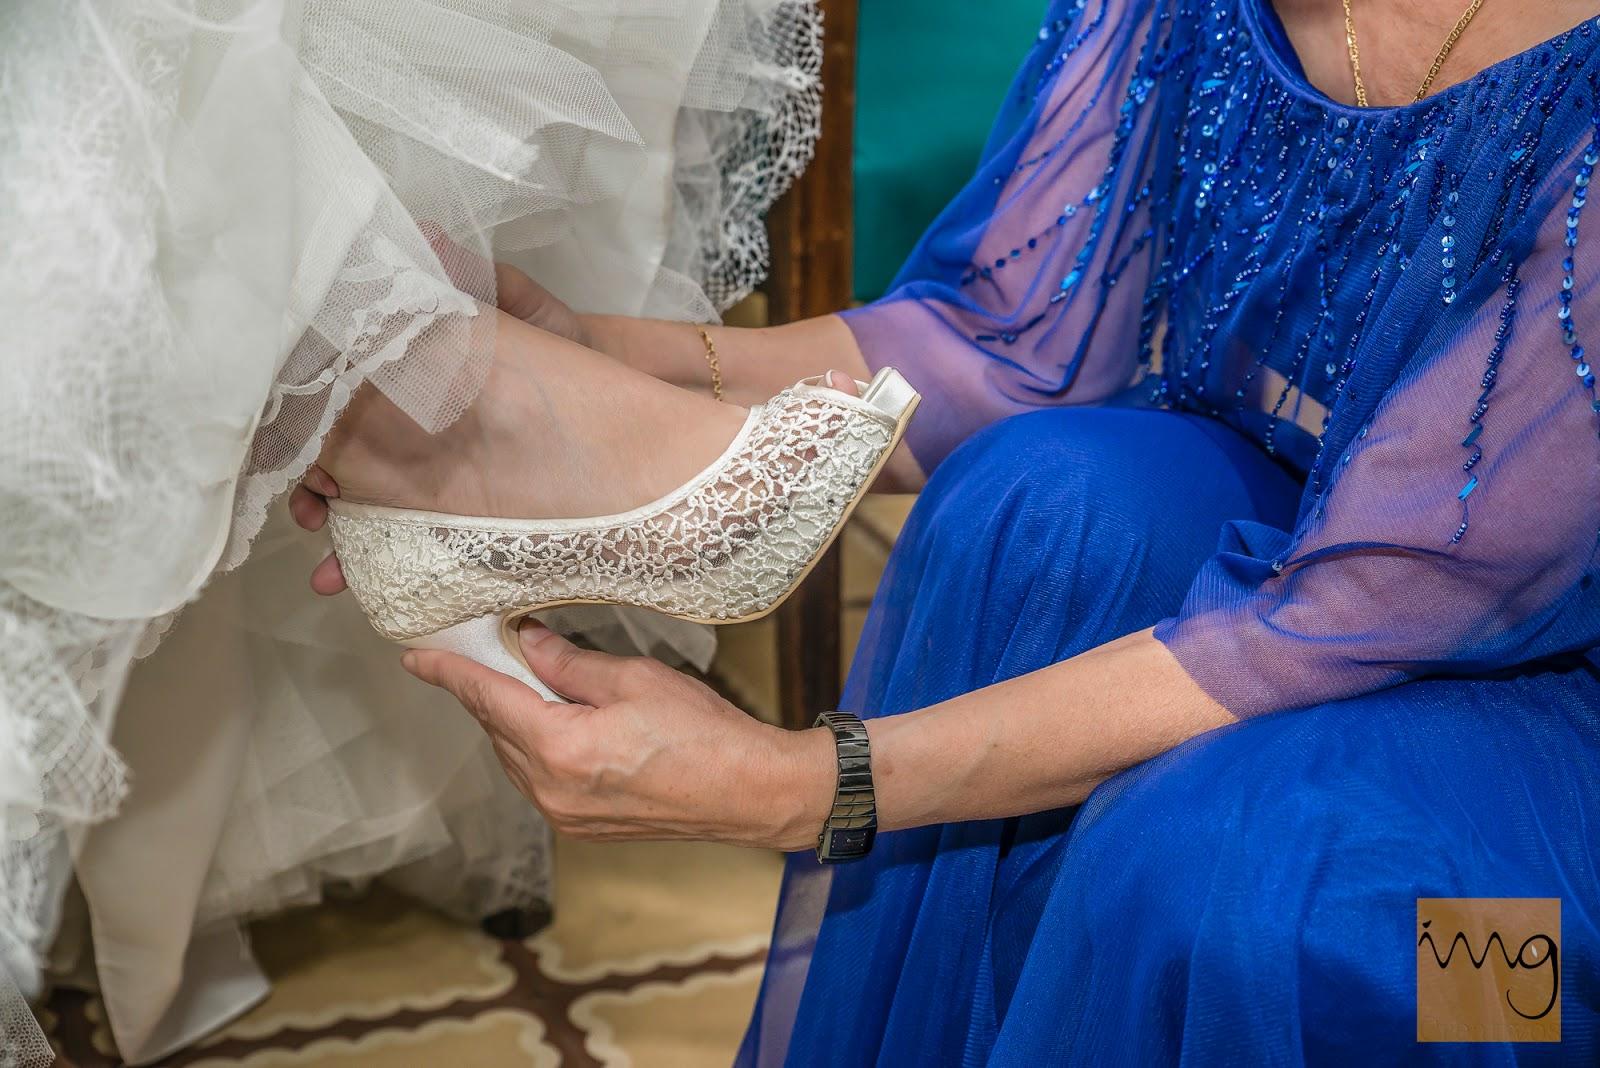 Fotografía de boda, detalle del zapato